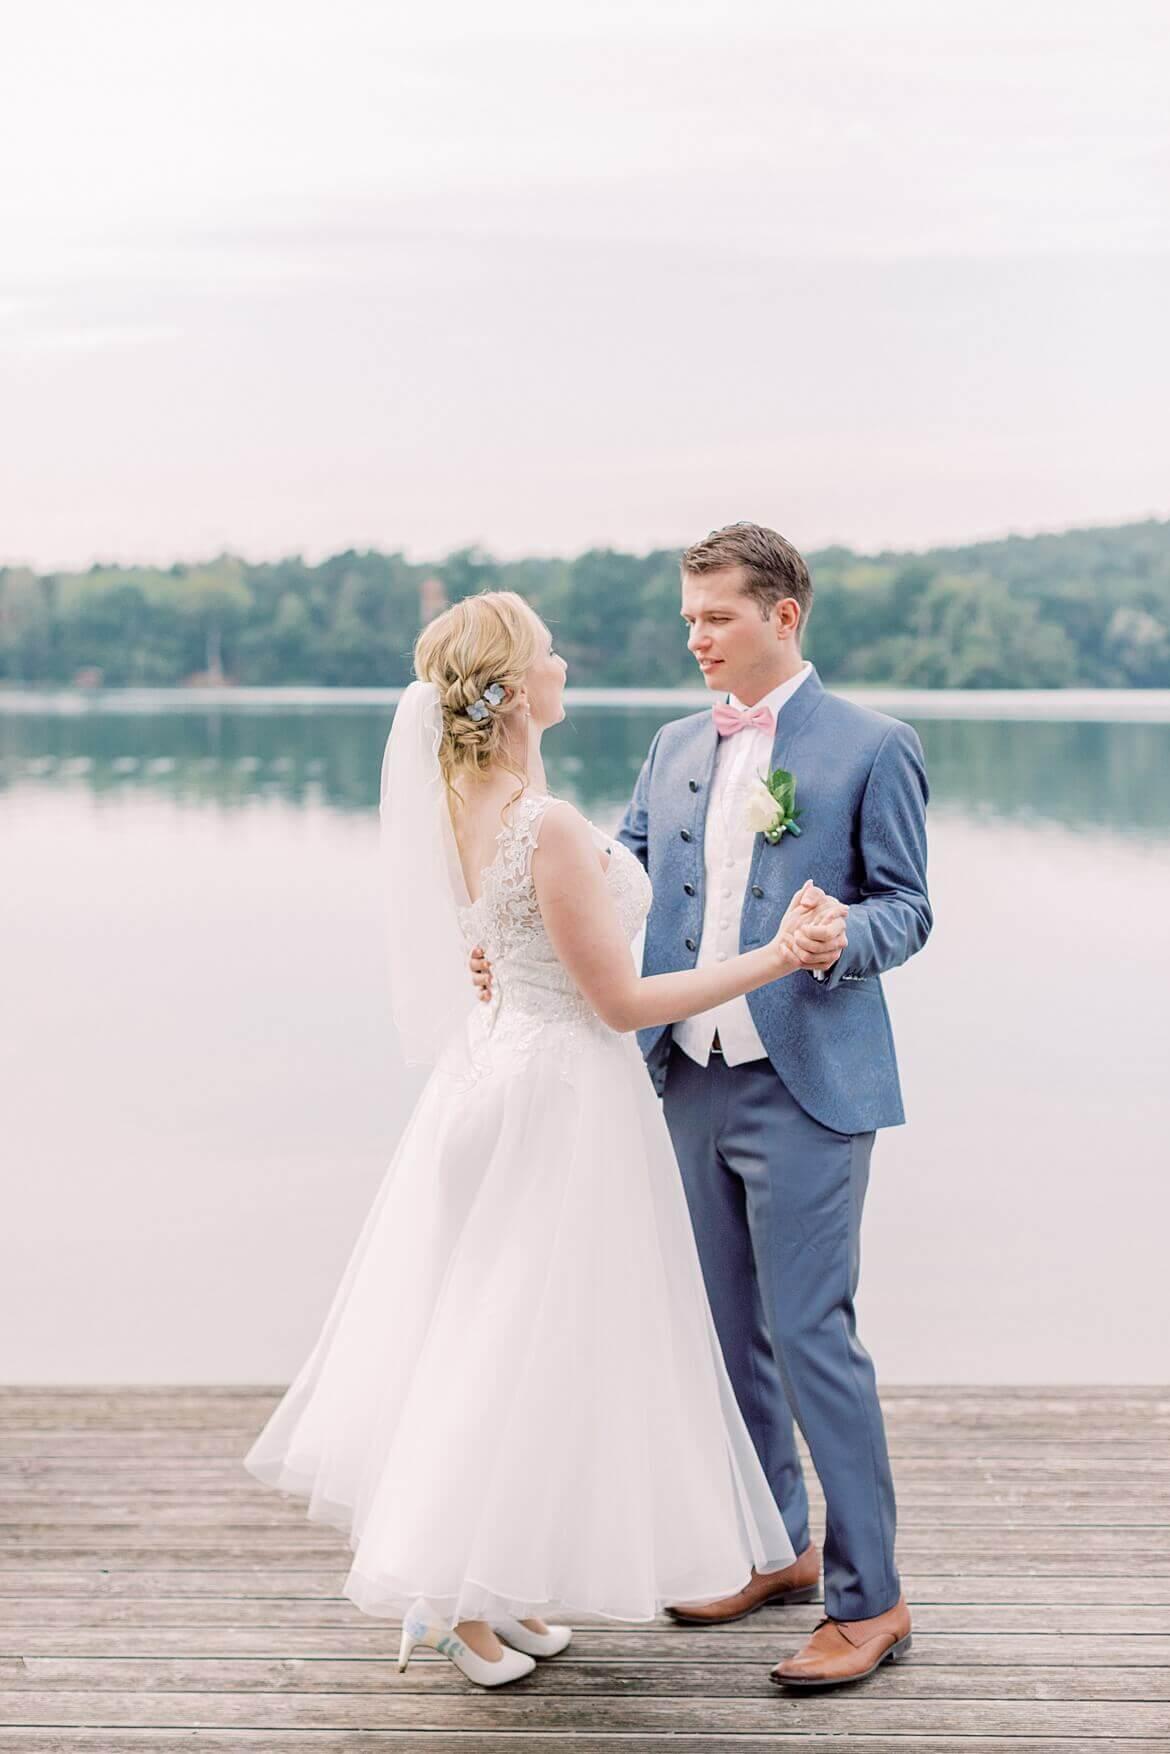 Brautpaar tanzt auf einem Steg